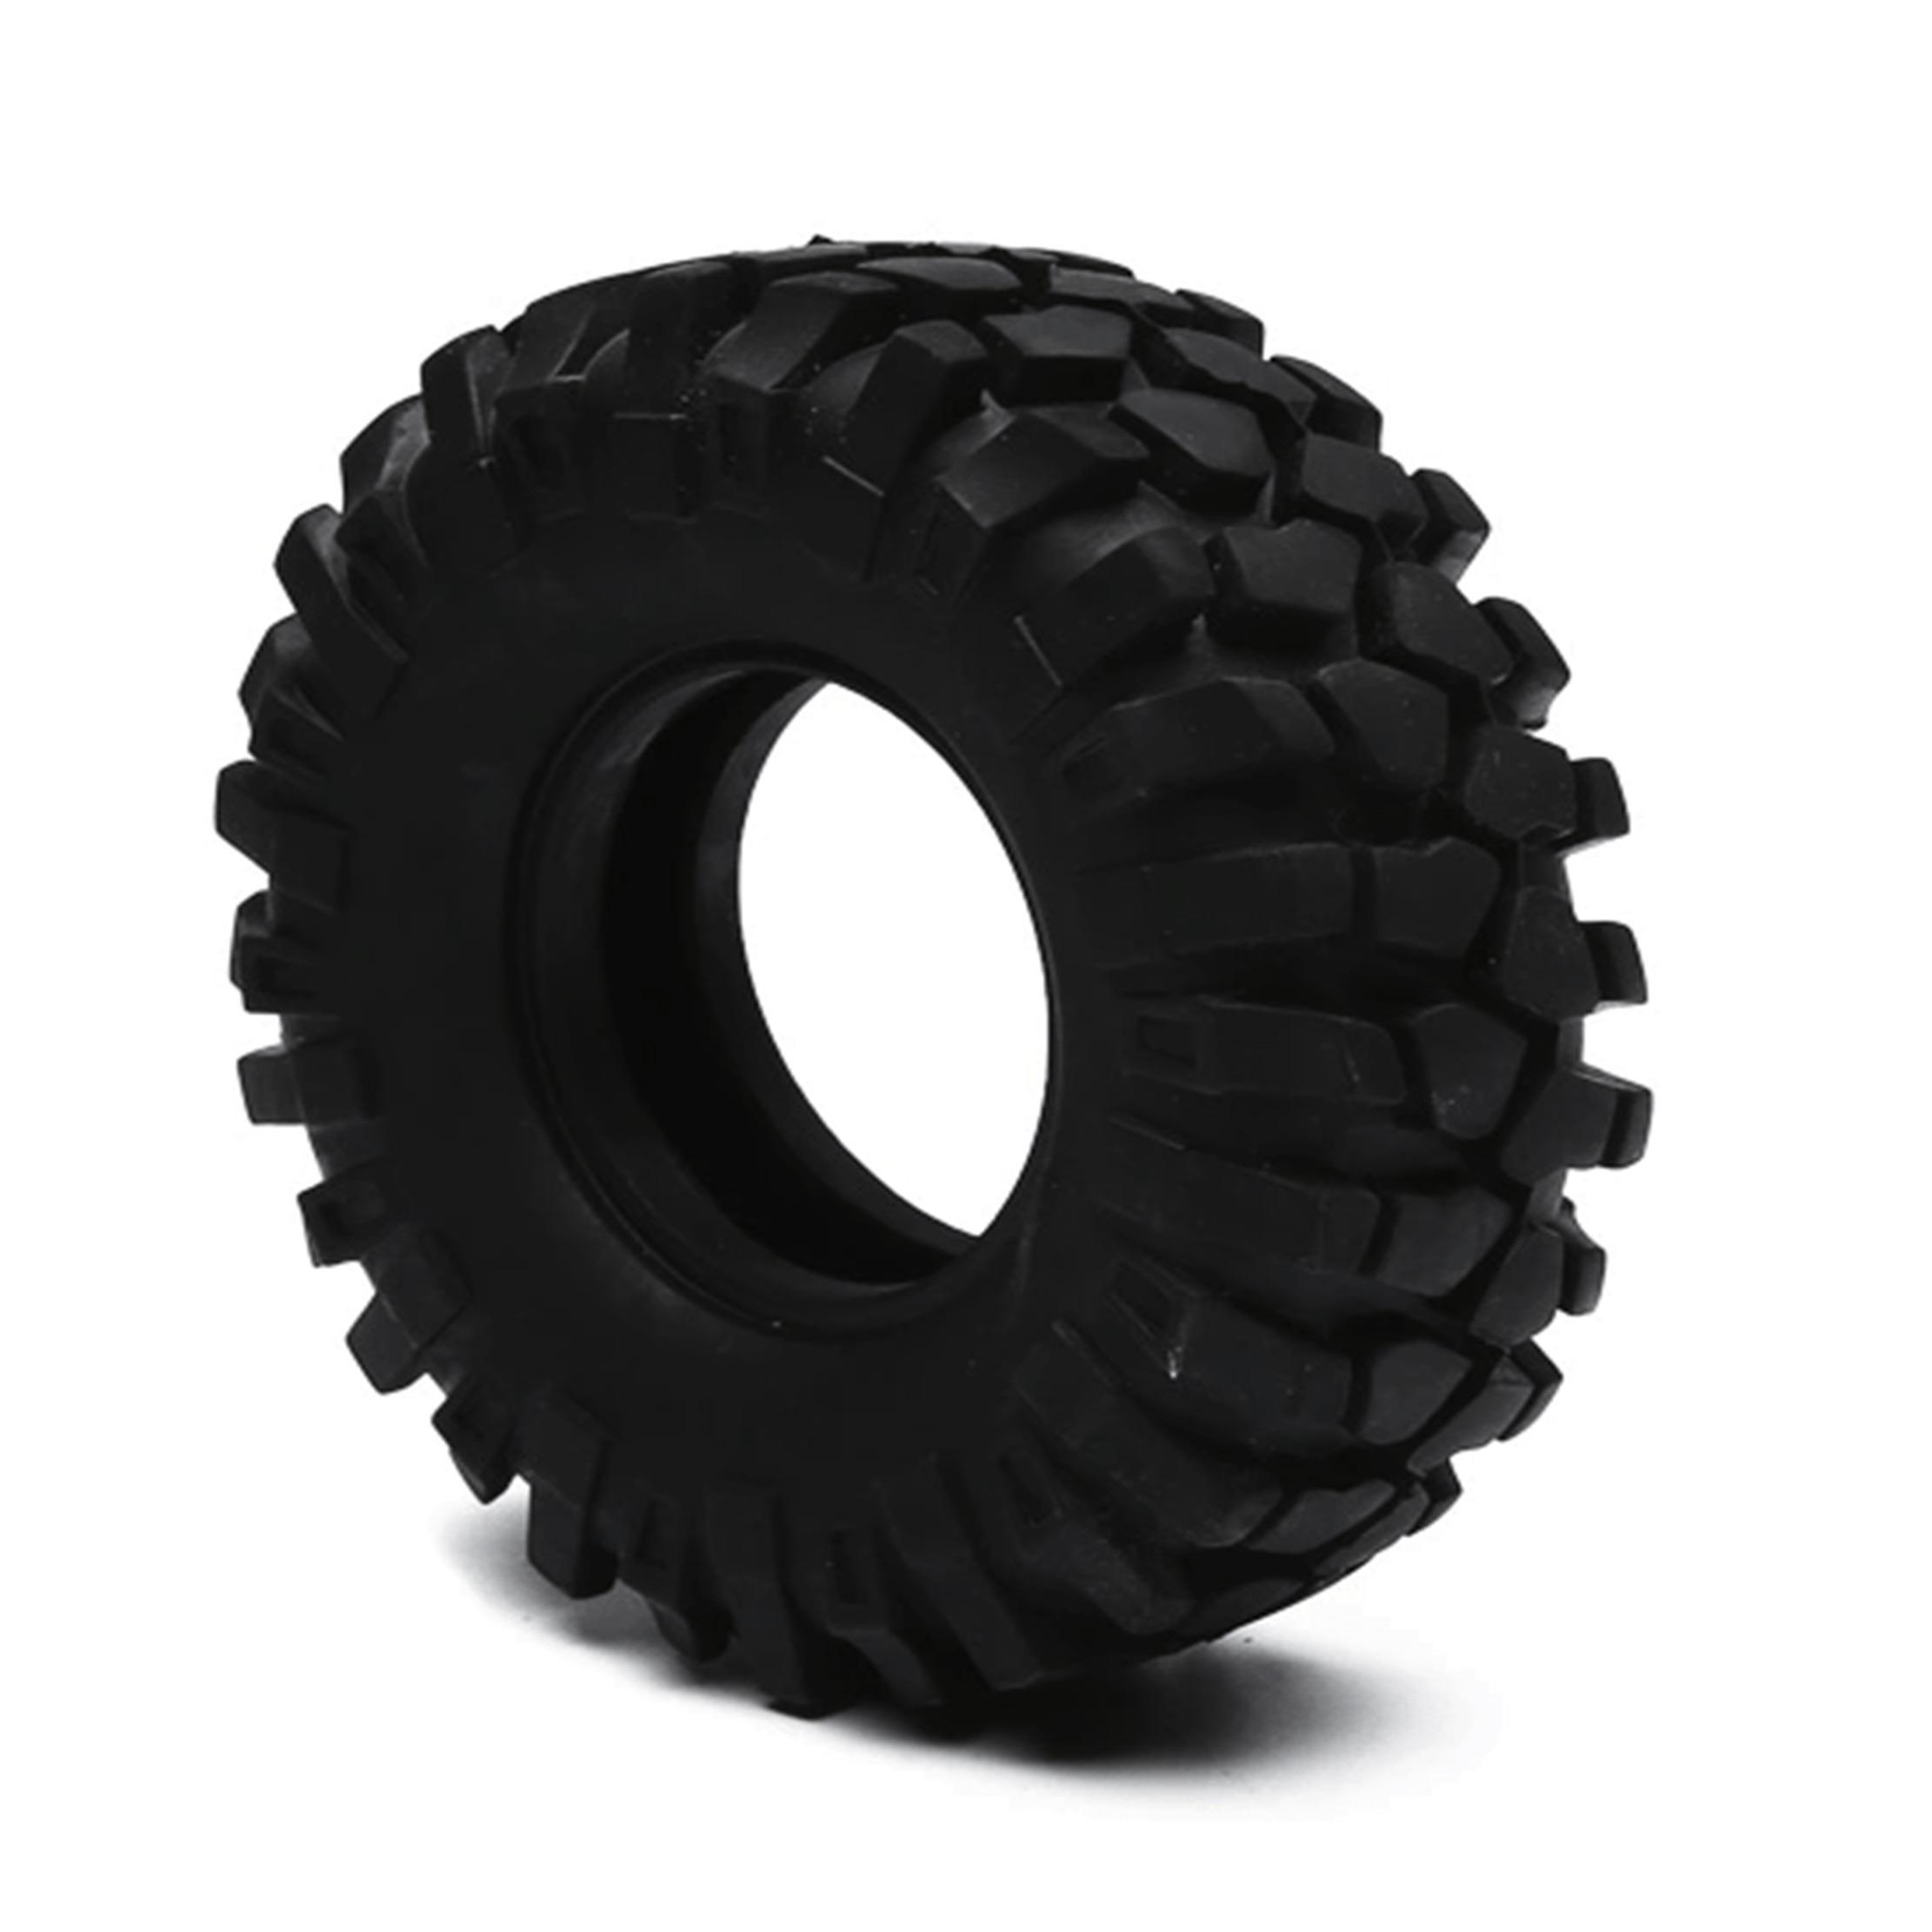 Neumático CJG 1/10 Escala Traxxas Slash Associated Car Rock Crawler (4piezas)